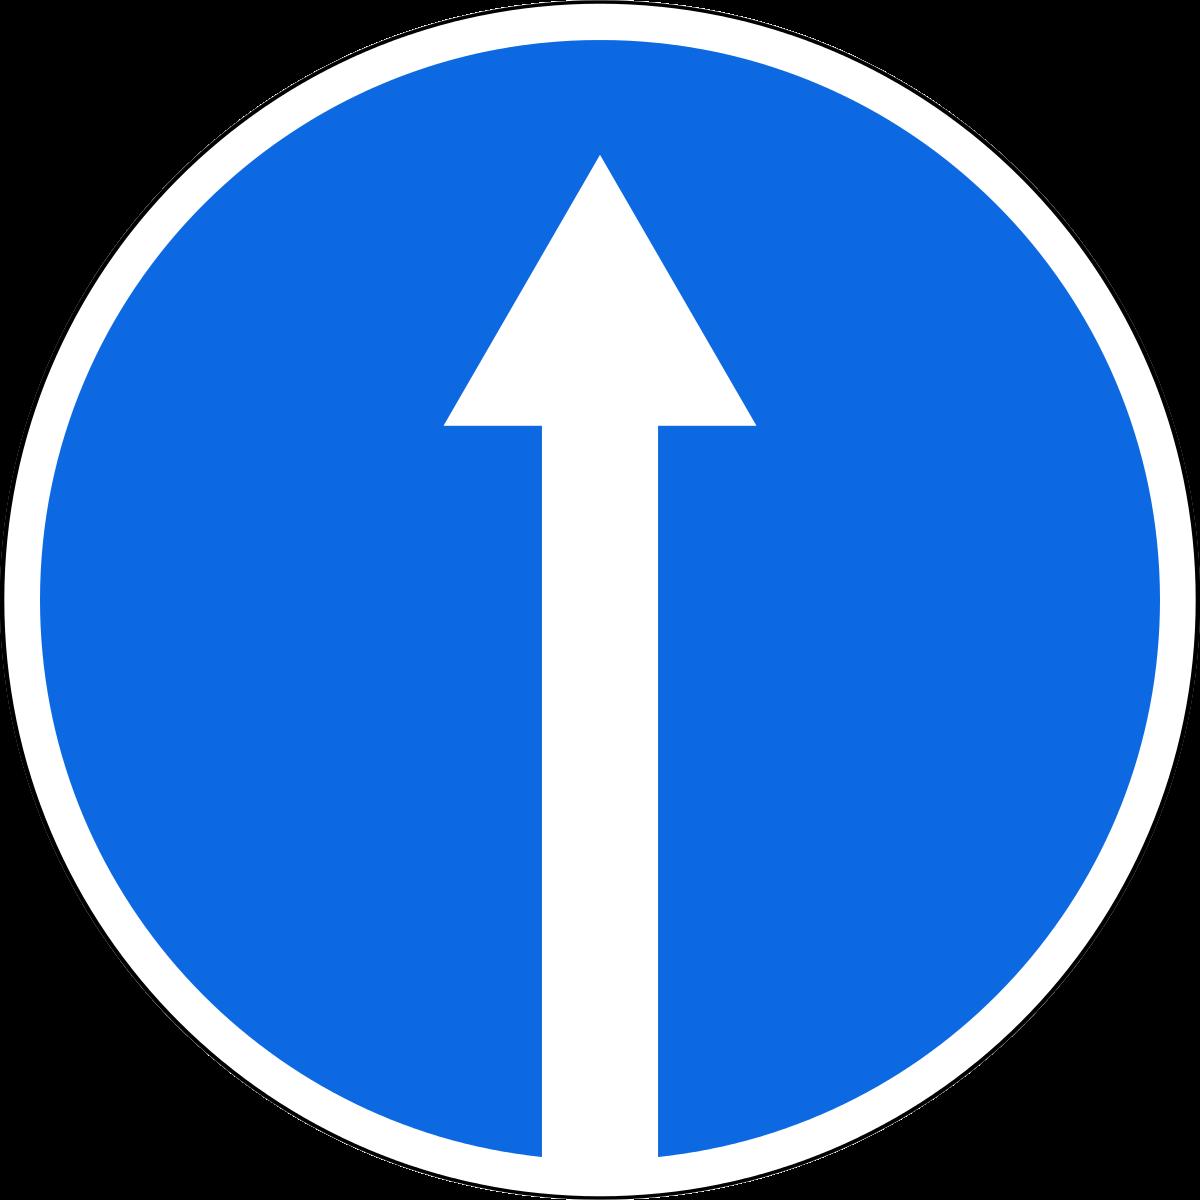 Знак 4.1.1 Движение прямо